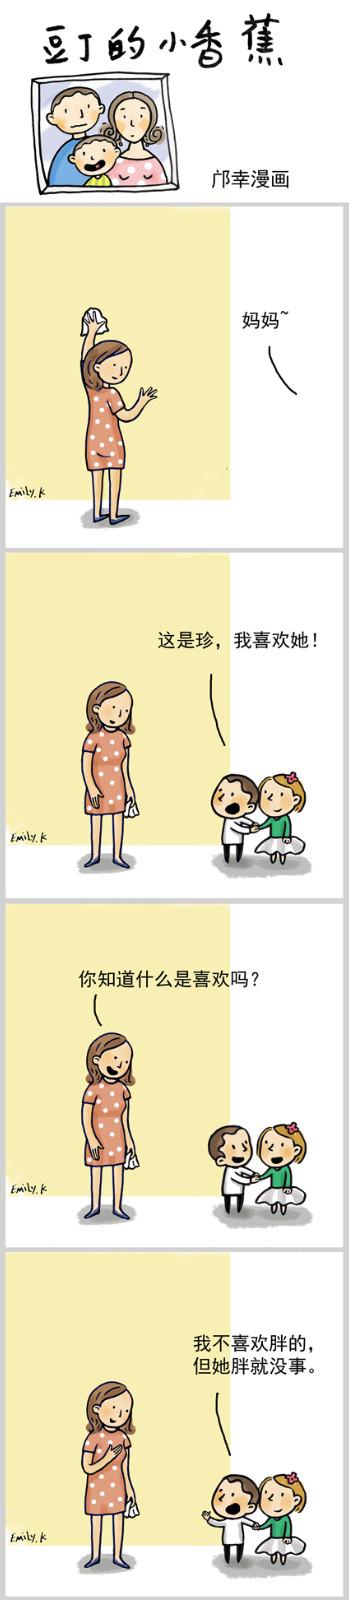 【邝幸漫畫】《小香蕉292》真喜欢_图1-1